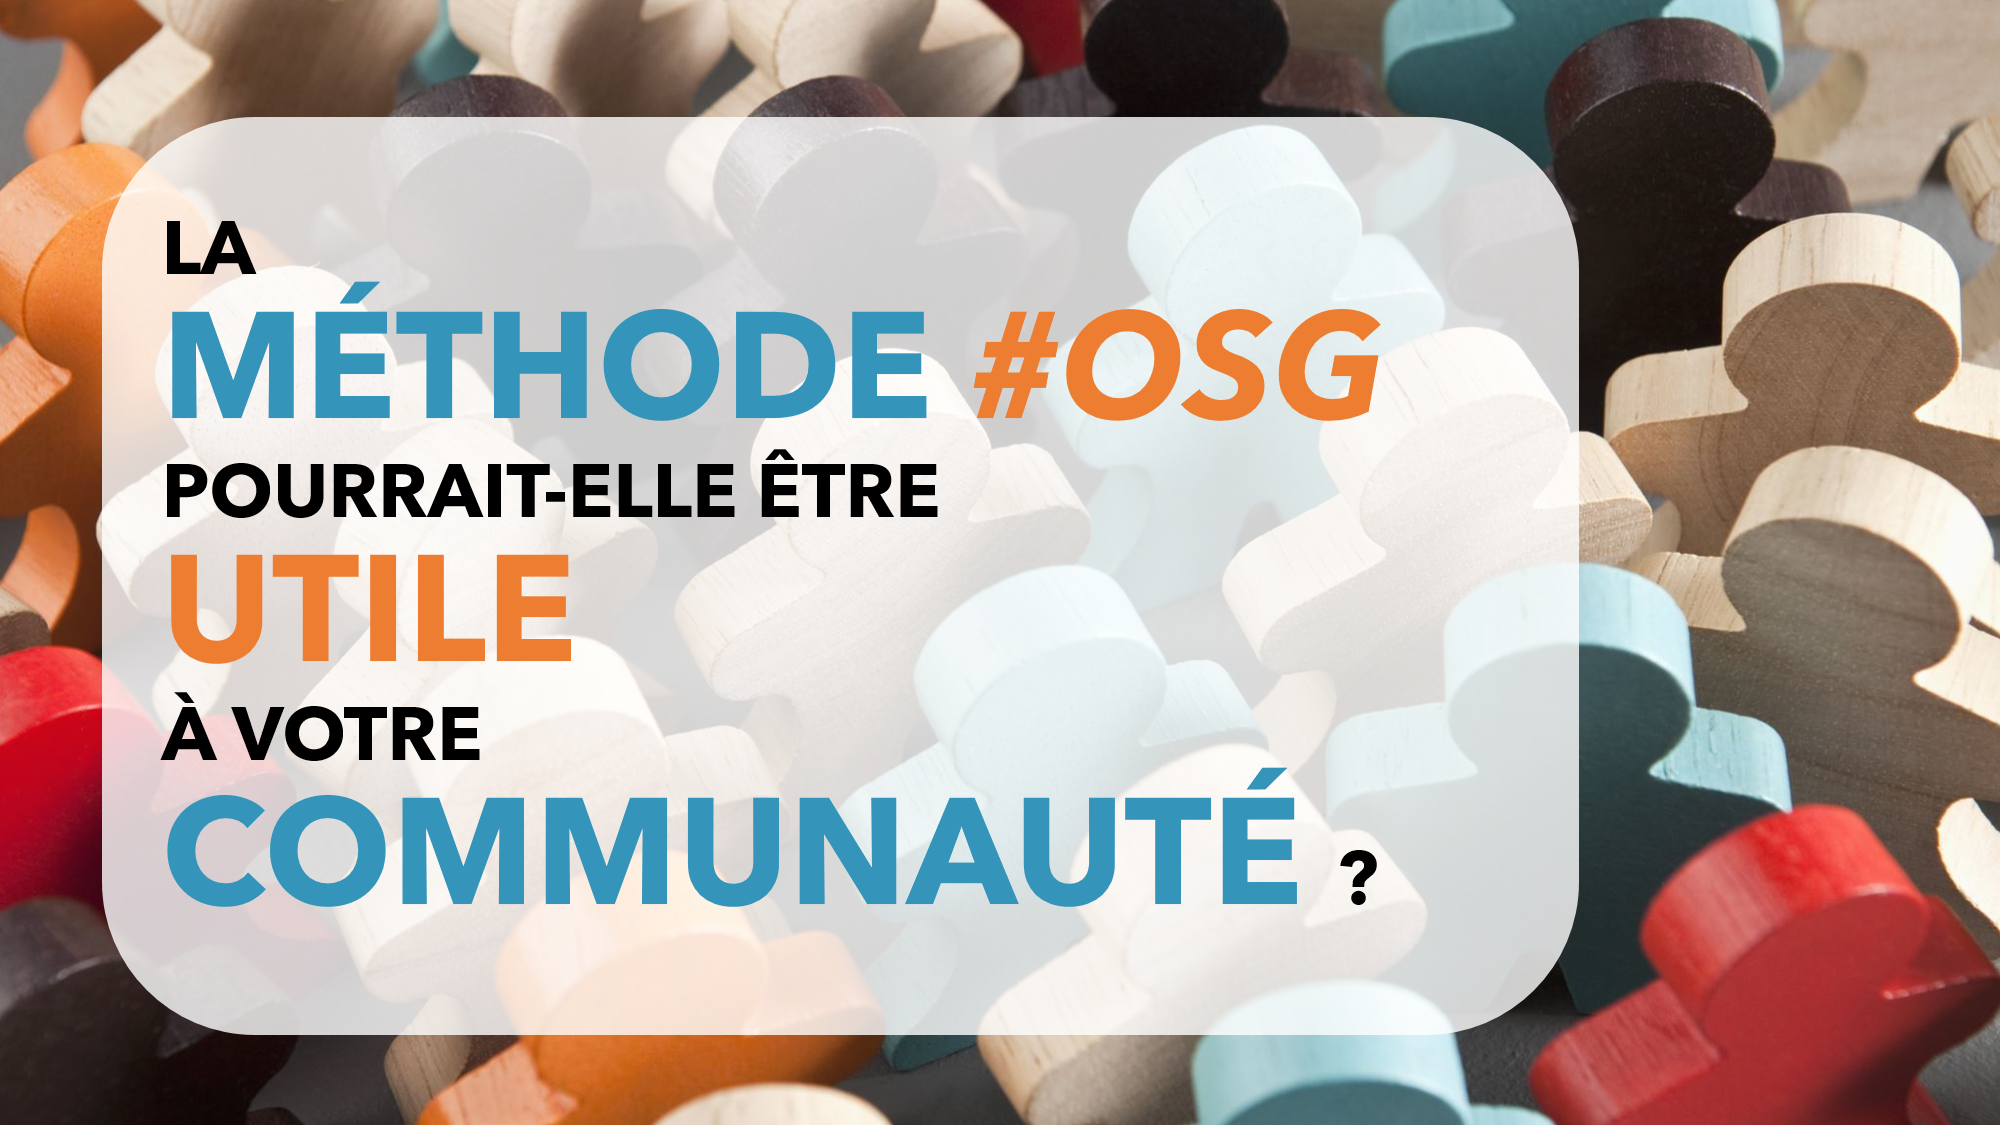 7 questions à se poser avant de lancer la méthode #OSG pour votre communauté